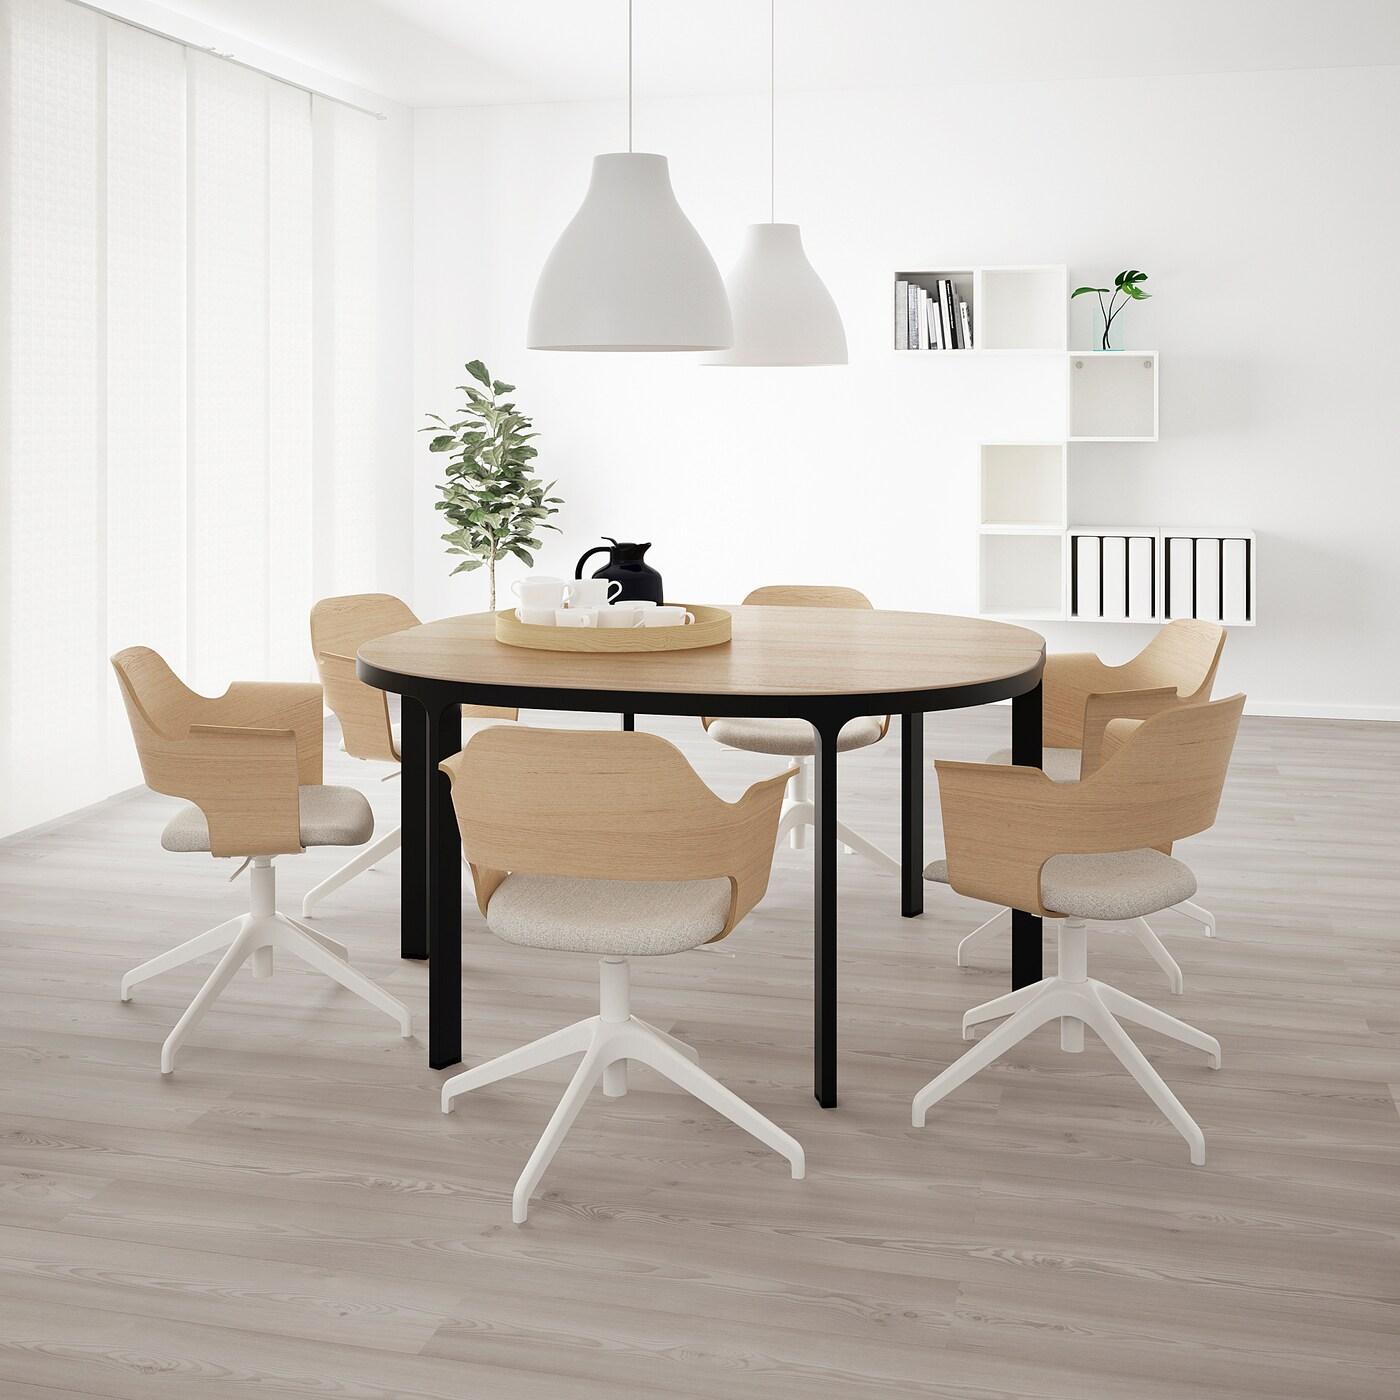 BEKANT Konferenztisch, Eichenfurnier weiß lasiert/schwarz, 140 cm